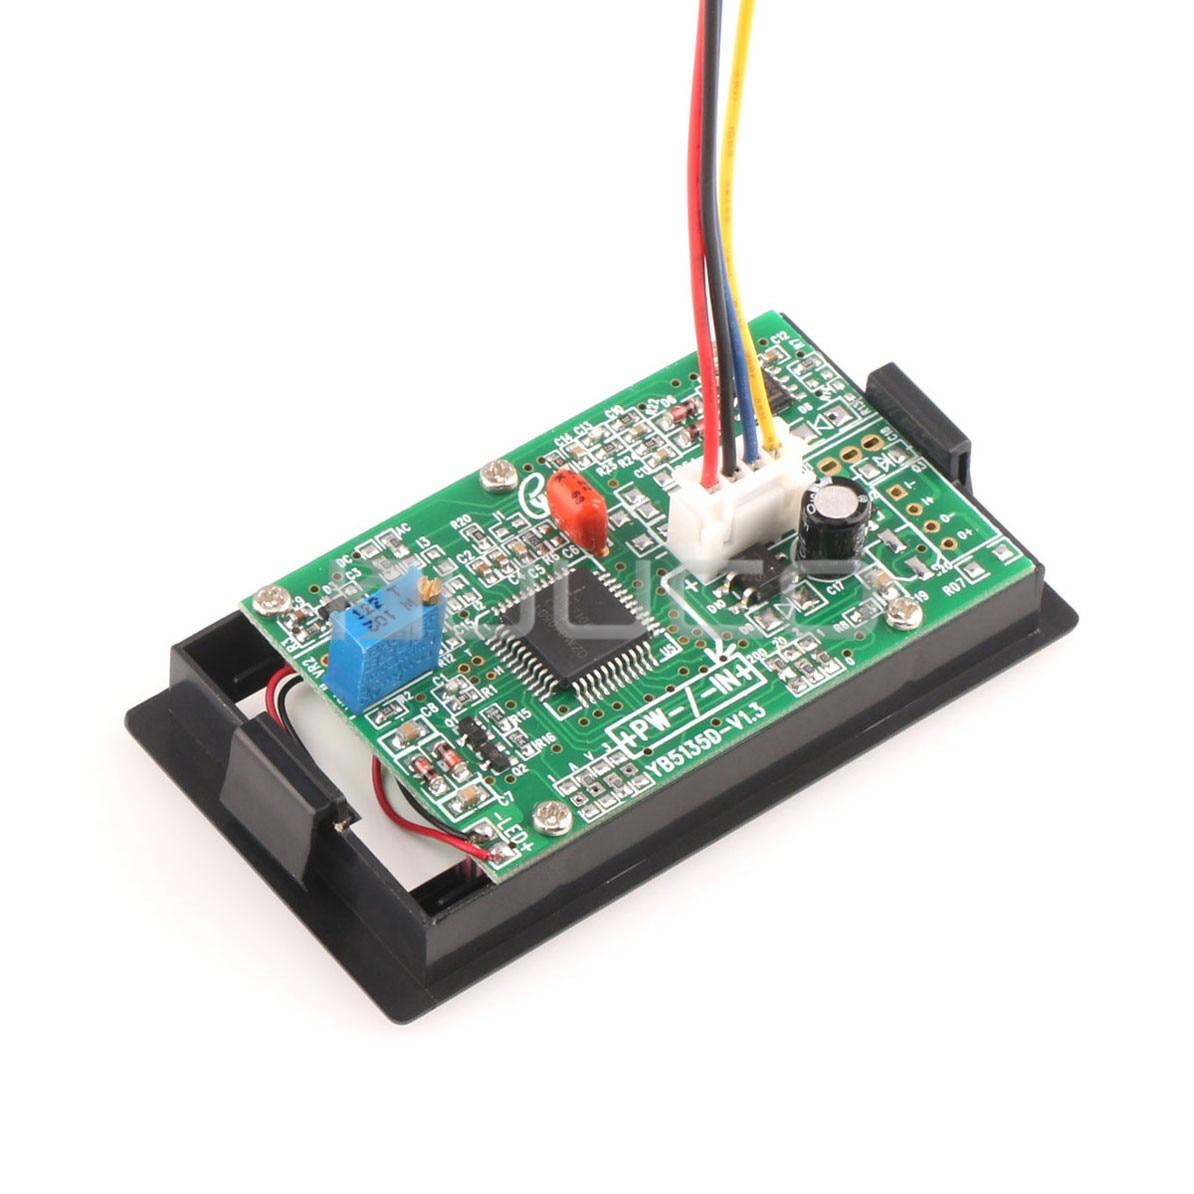 medium resolution of digital tester lcd ammeter ac 0 200a digital current meter ac dc 8v 12v amp meter gauge ampere meter shunt resistor in instrument parts accessories